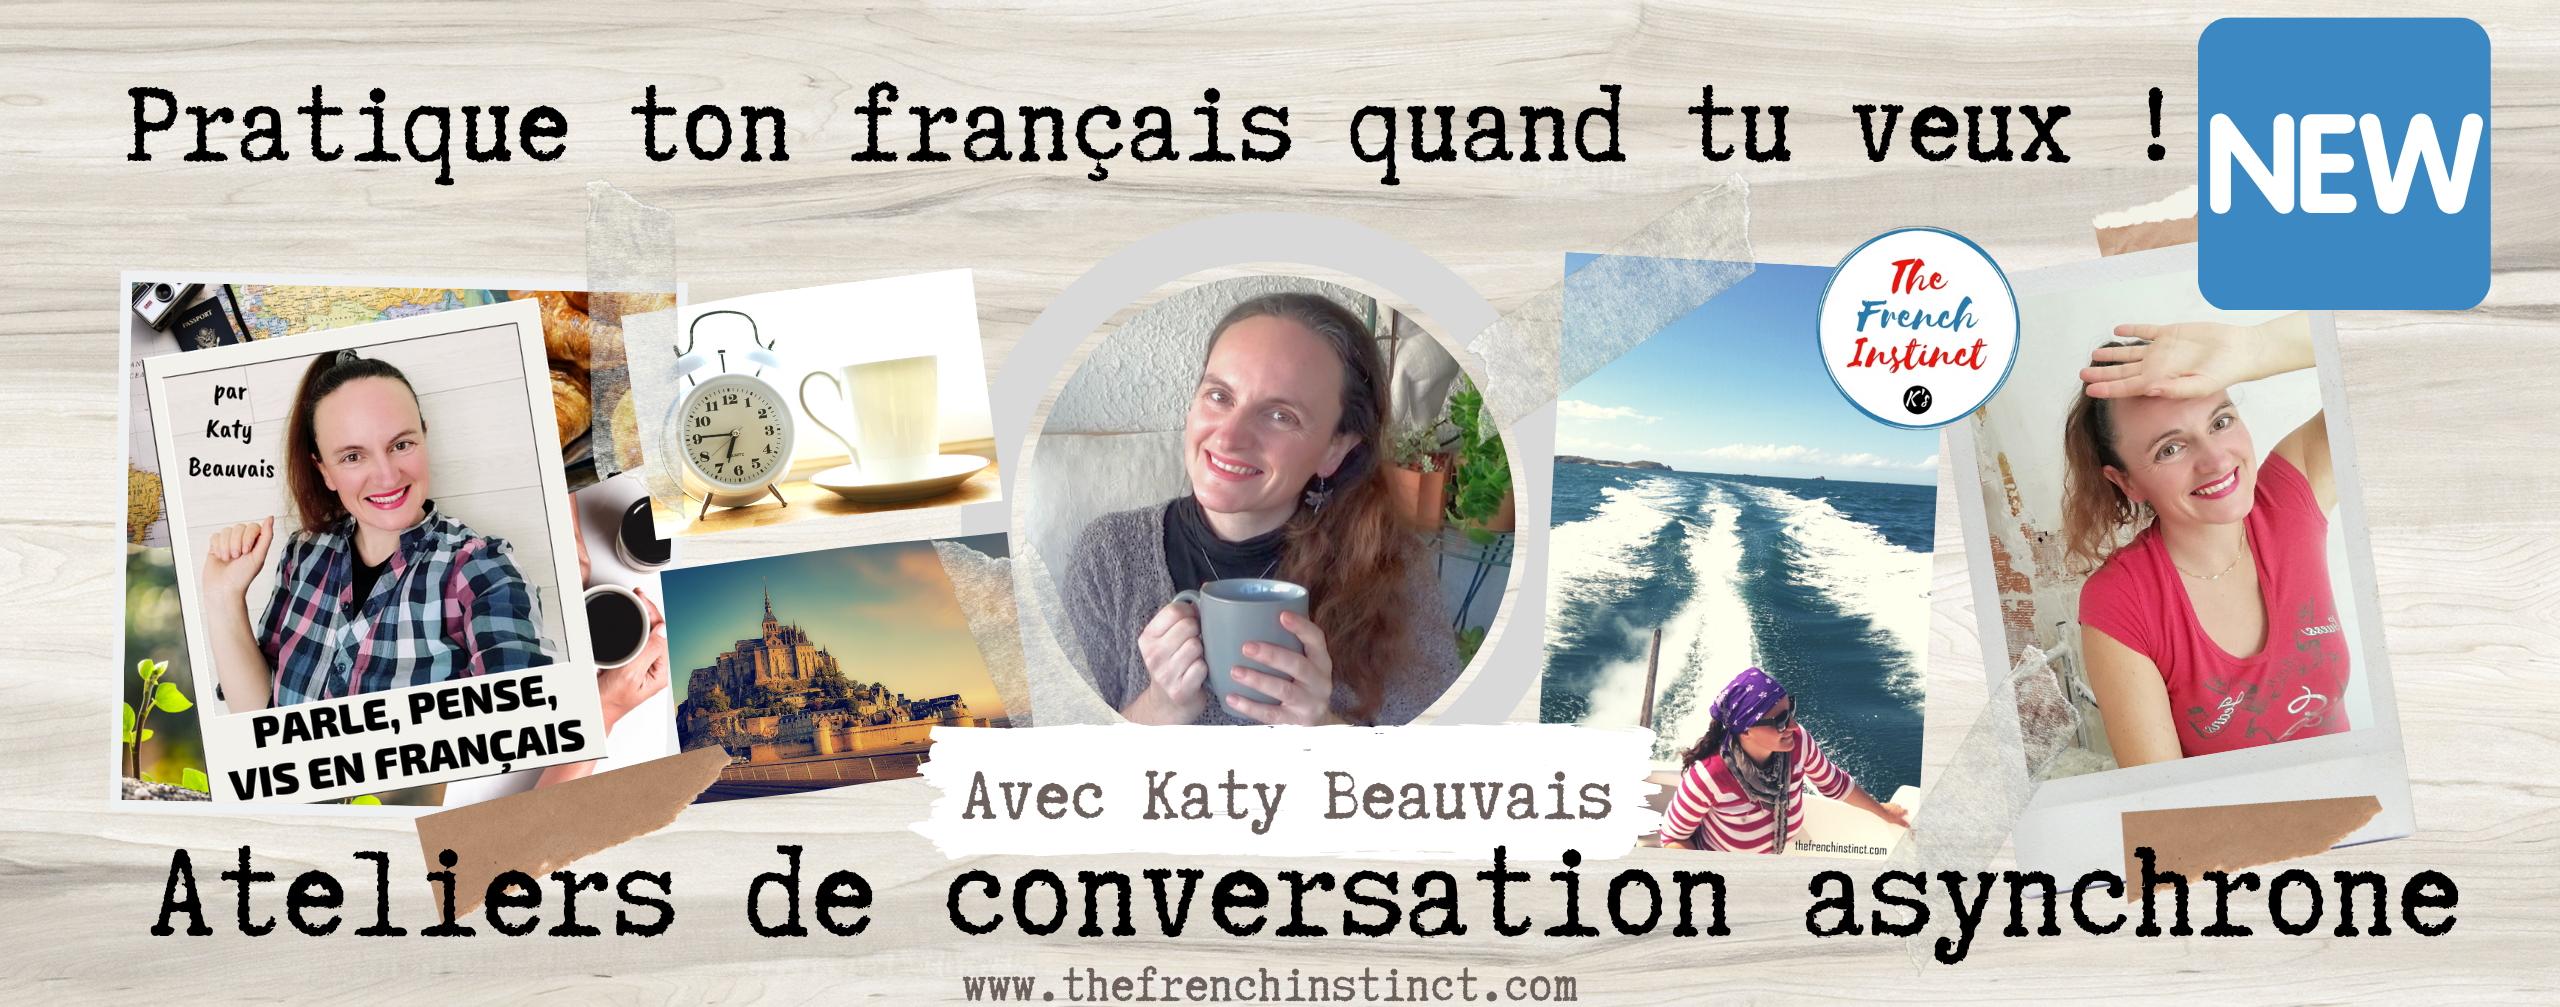 ateliers-de-francais-the-french-instinct-parle-francais-conversation-asynchrone